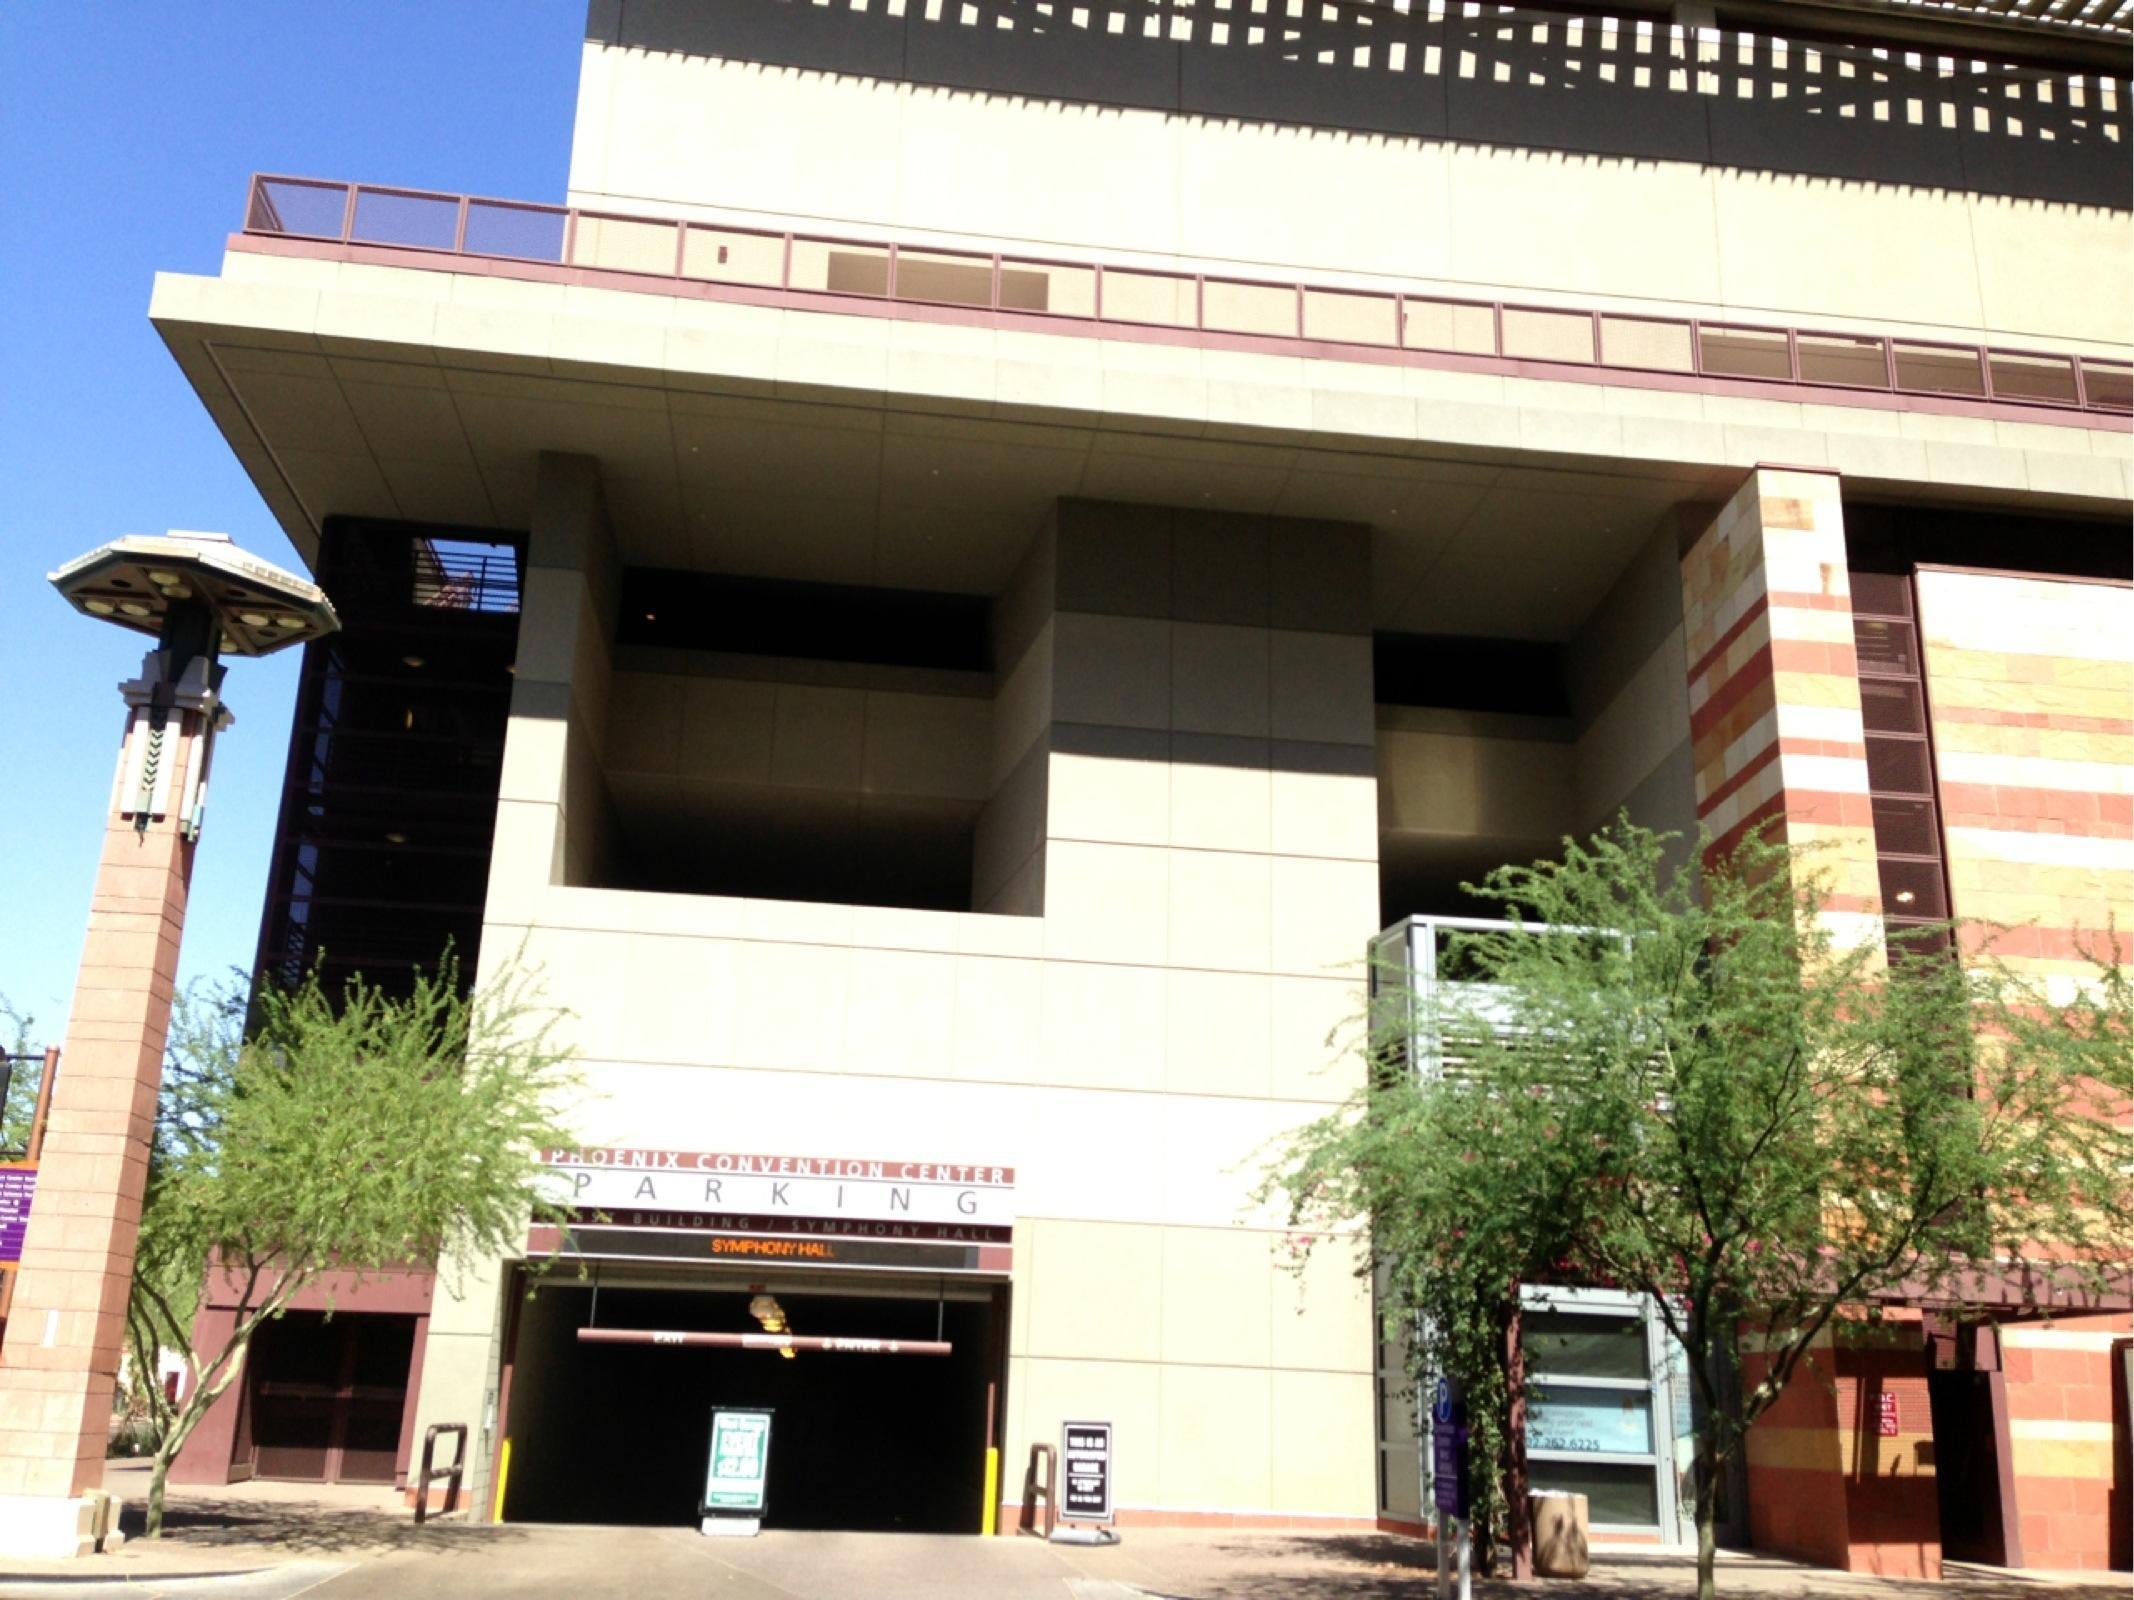 Civic Center Garage: Phoenix Convention Center West Garage